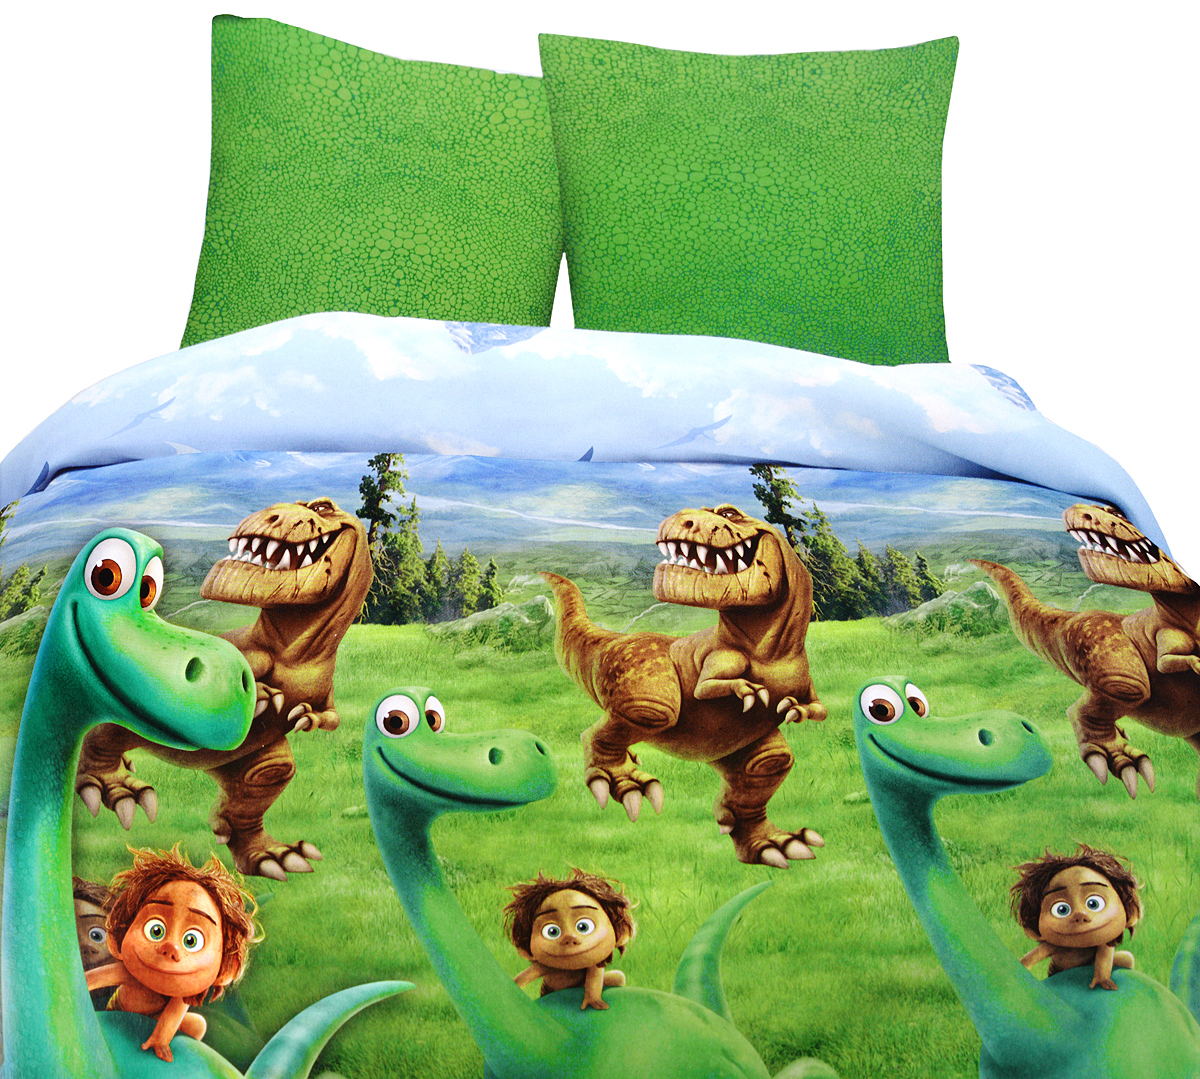 Хороший динозавр Комплект детского постельного белья Динозавр 1,5-спальный318273Комплект детского постельного белья Хороший динозавр Динозавр, состоящий из наволочки, простыни и пододеяльника, выполнен из натурального 100% хлопка. Пододеяльник оформлен рисунком в виде героев мультфильма Хороший Динозавр. Хлопок - это натуральный материал, который не раздражает даже самую нежную и чувствительную кожу малыша, не вызывает аллергии и хорошо вентилируется. Такой комплект идеально подойдет для кроватки вашего малыша. На нем ребенок будет спать здоровым и крепким сном.